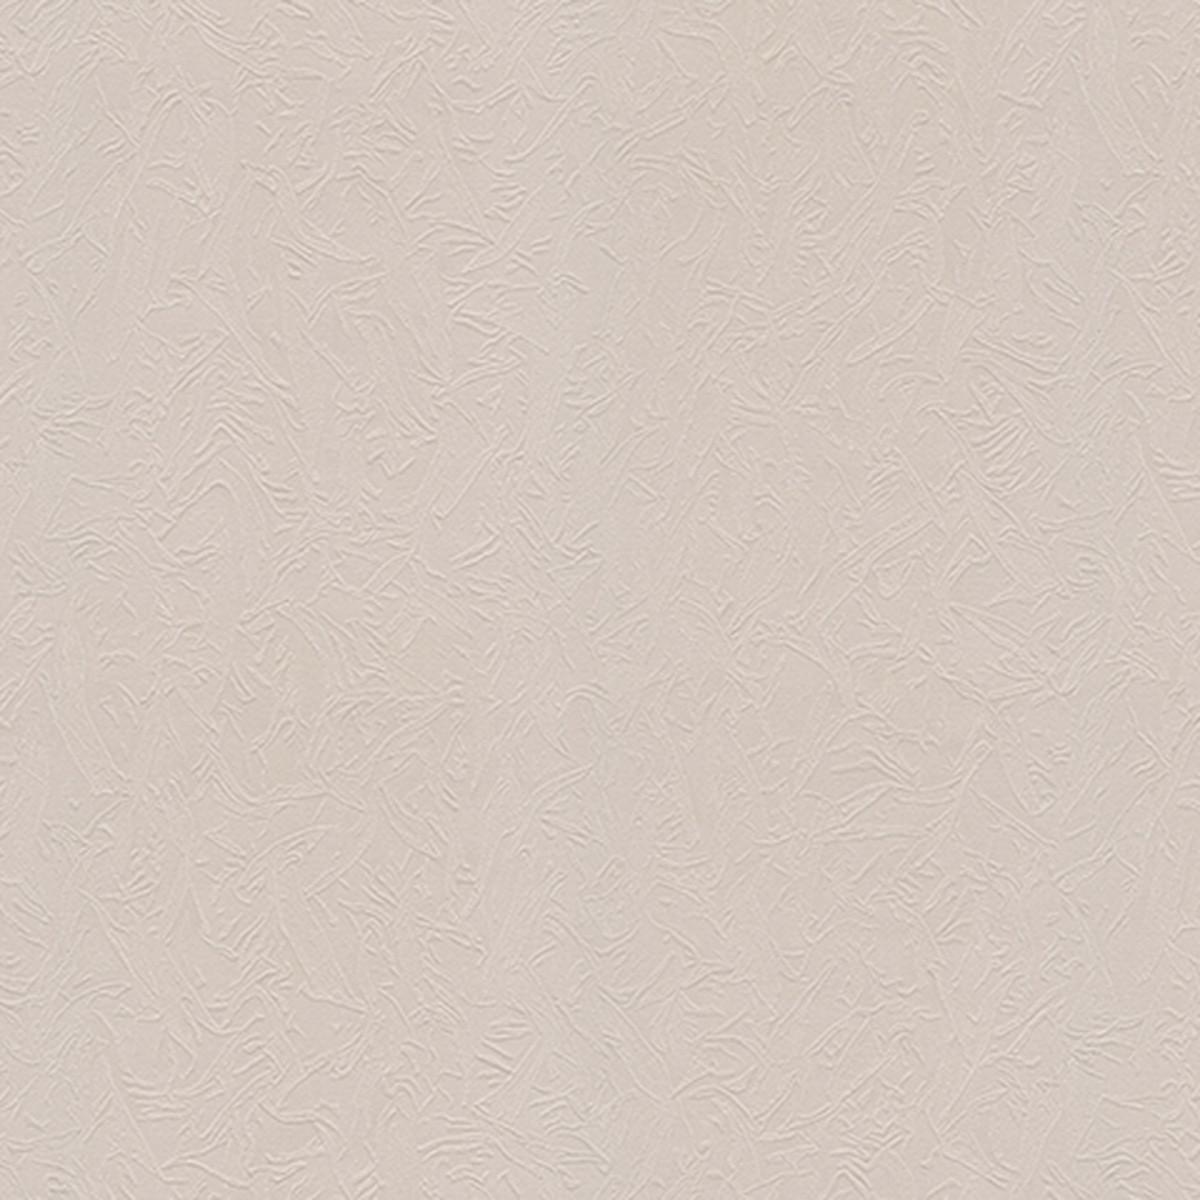 Обои флизелиновые С.Л.Г. бежевые 1.06 м 2-0964